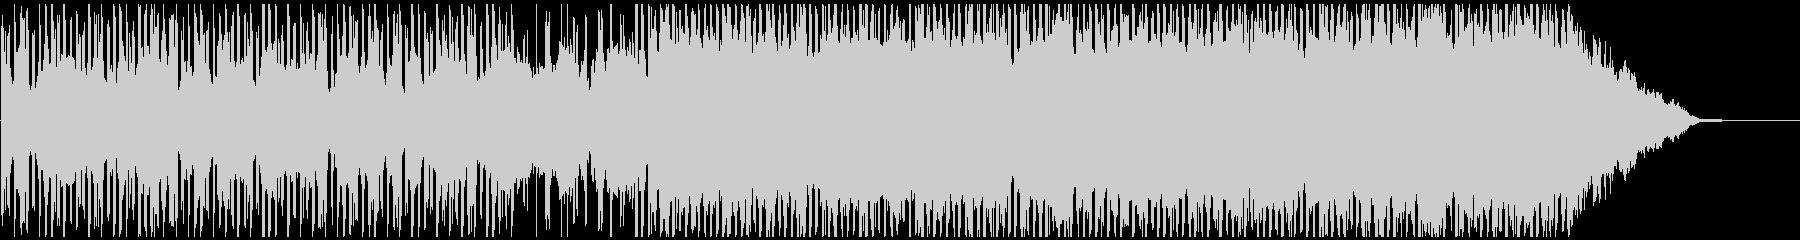 ゆったりとしたムードでポップ/ロッ...の未再生の波形